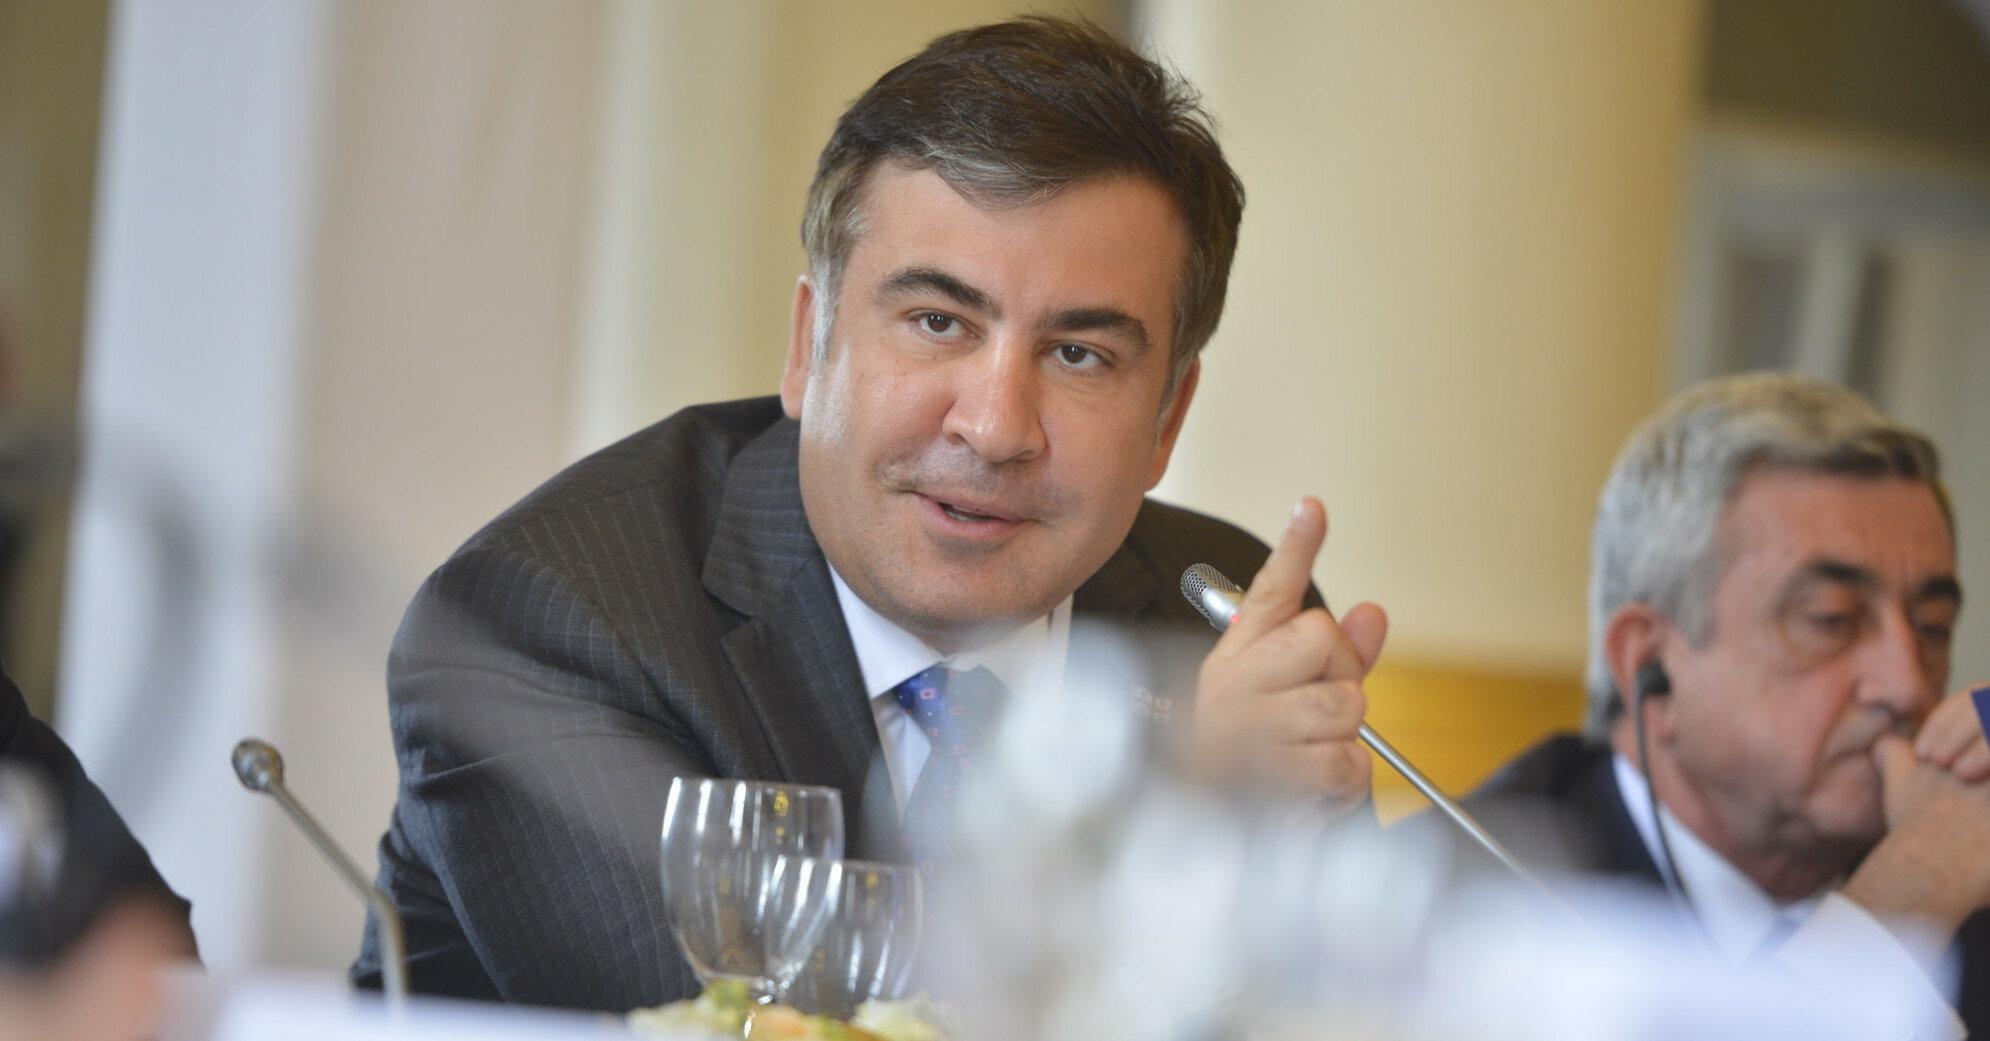 Власти Грузии предложили Саакашвили сделку - СМИ